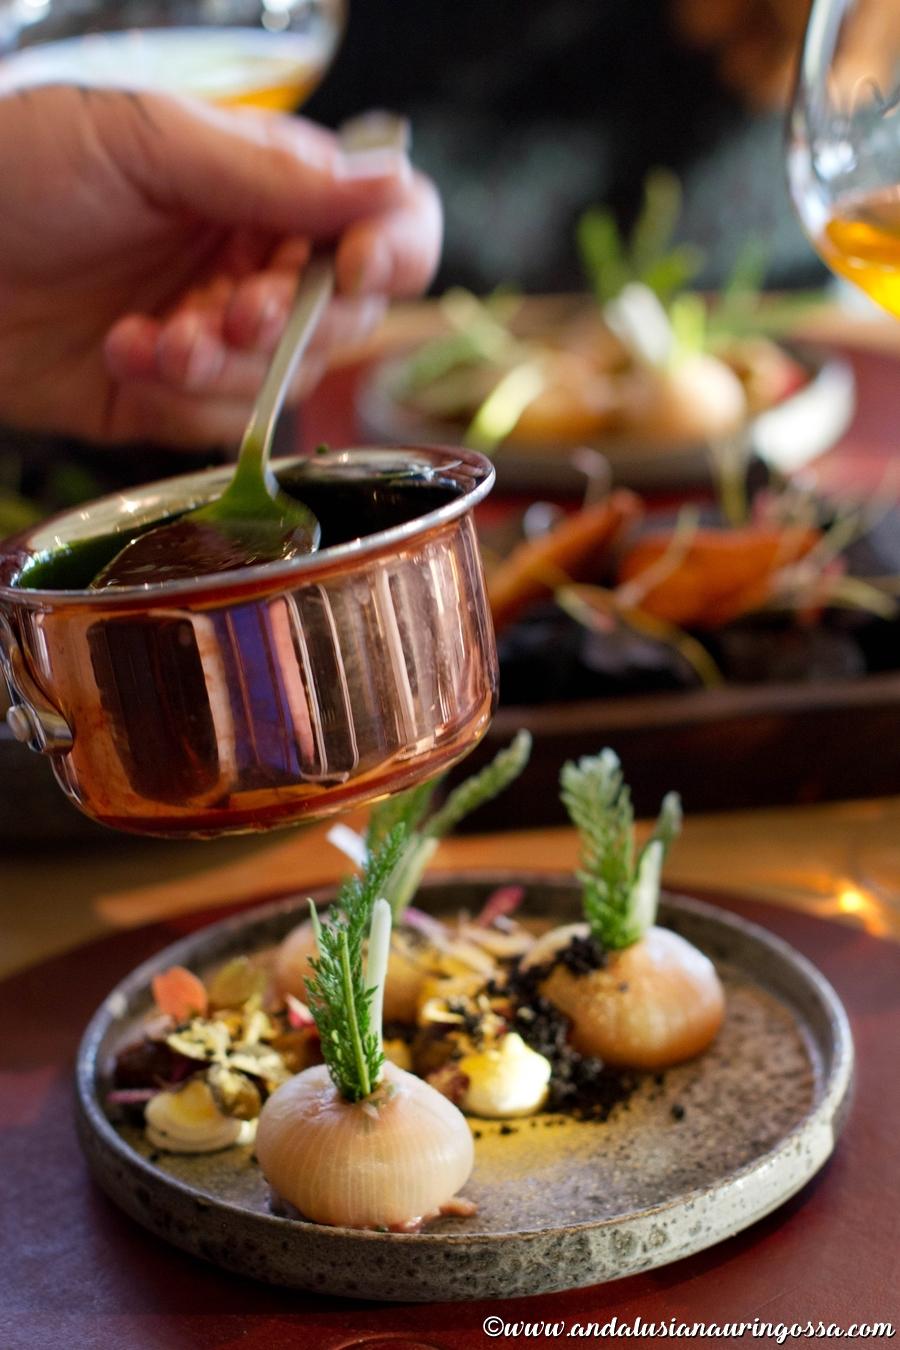 Noa_Tallinna_Tallinnan parhaat ravintolat_Andalusian auringossa_ruokablogi_matkablogi_10